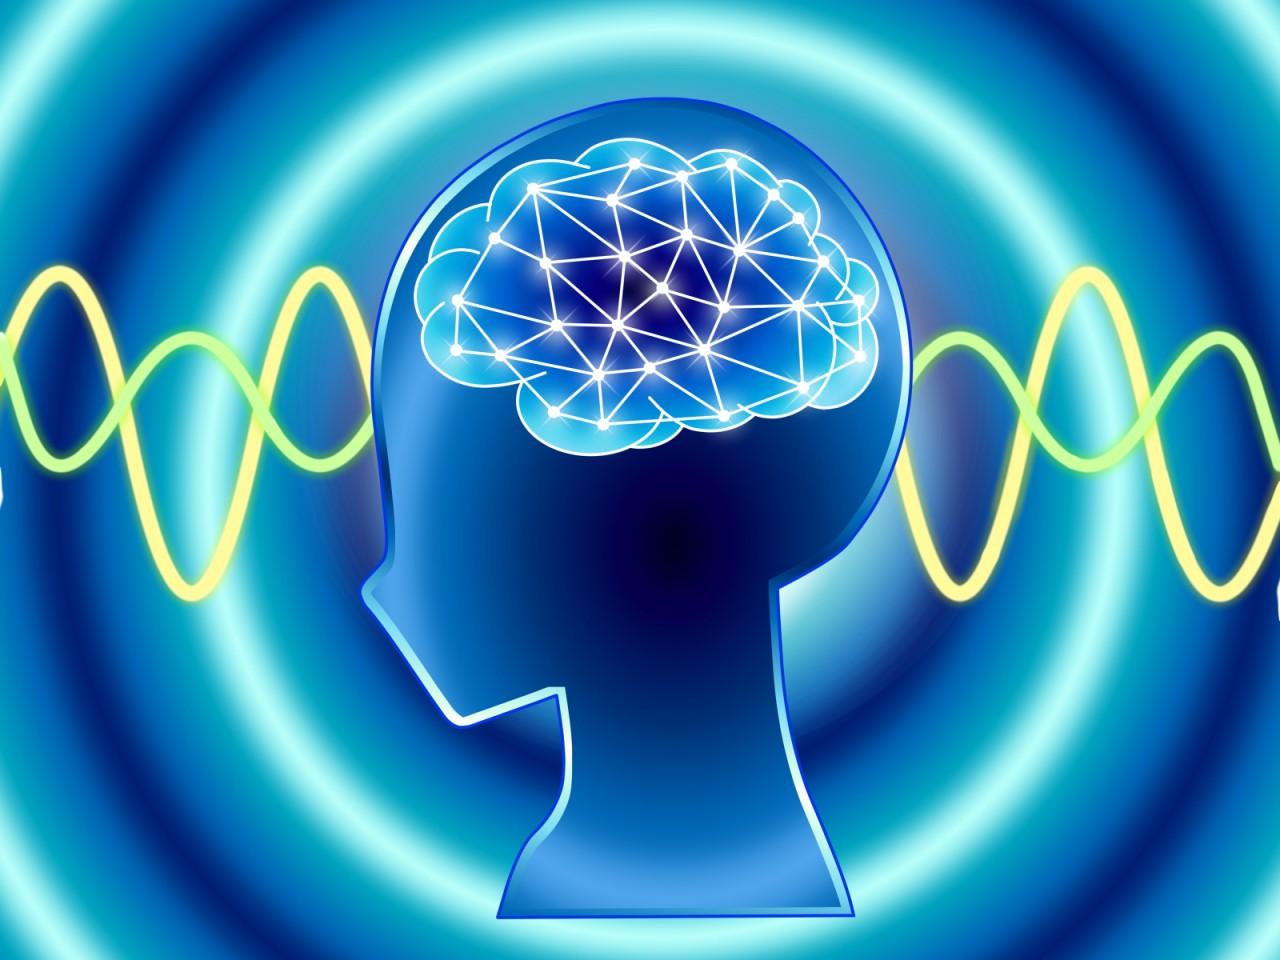 関西で神経科学を学べるおススメ大学